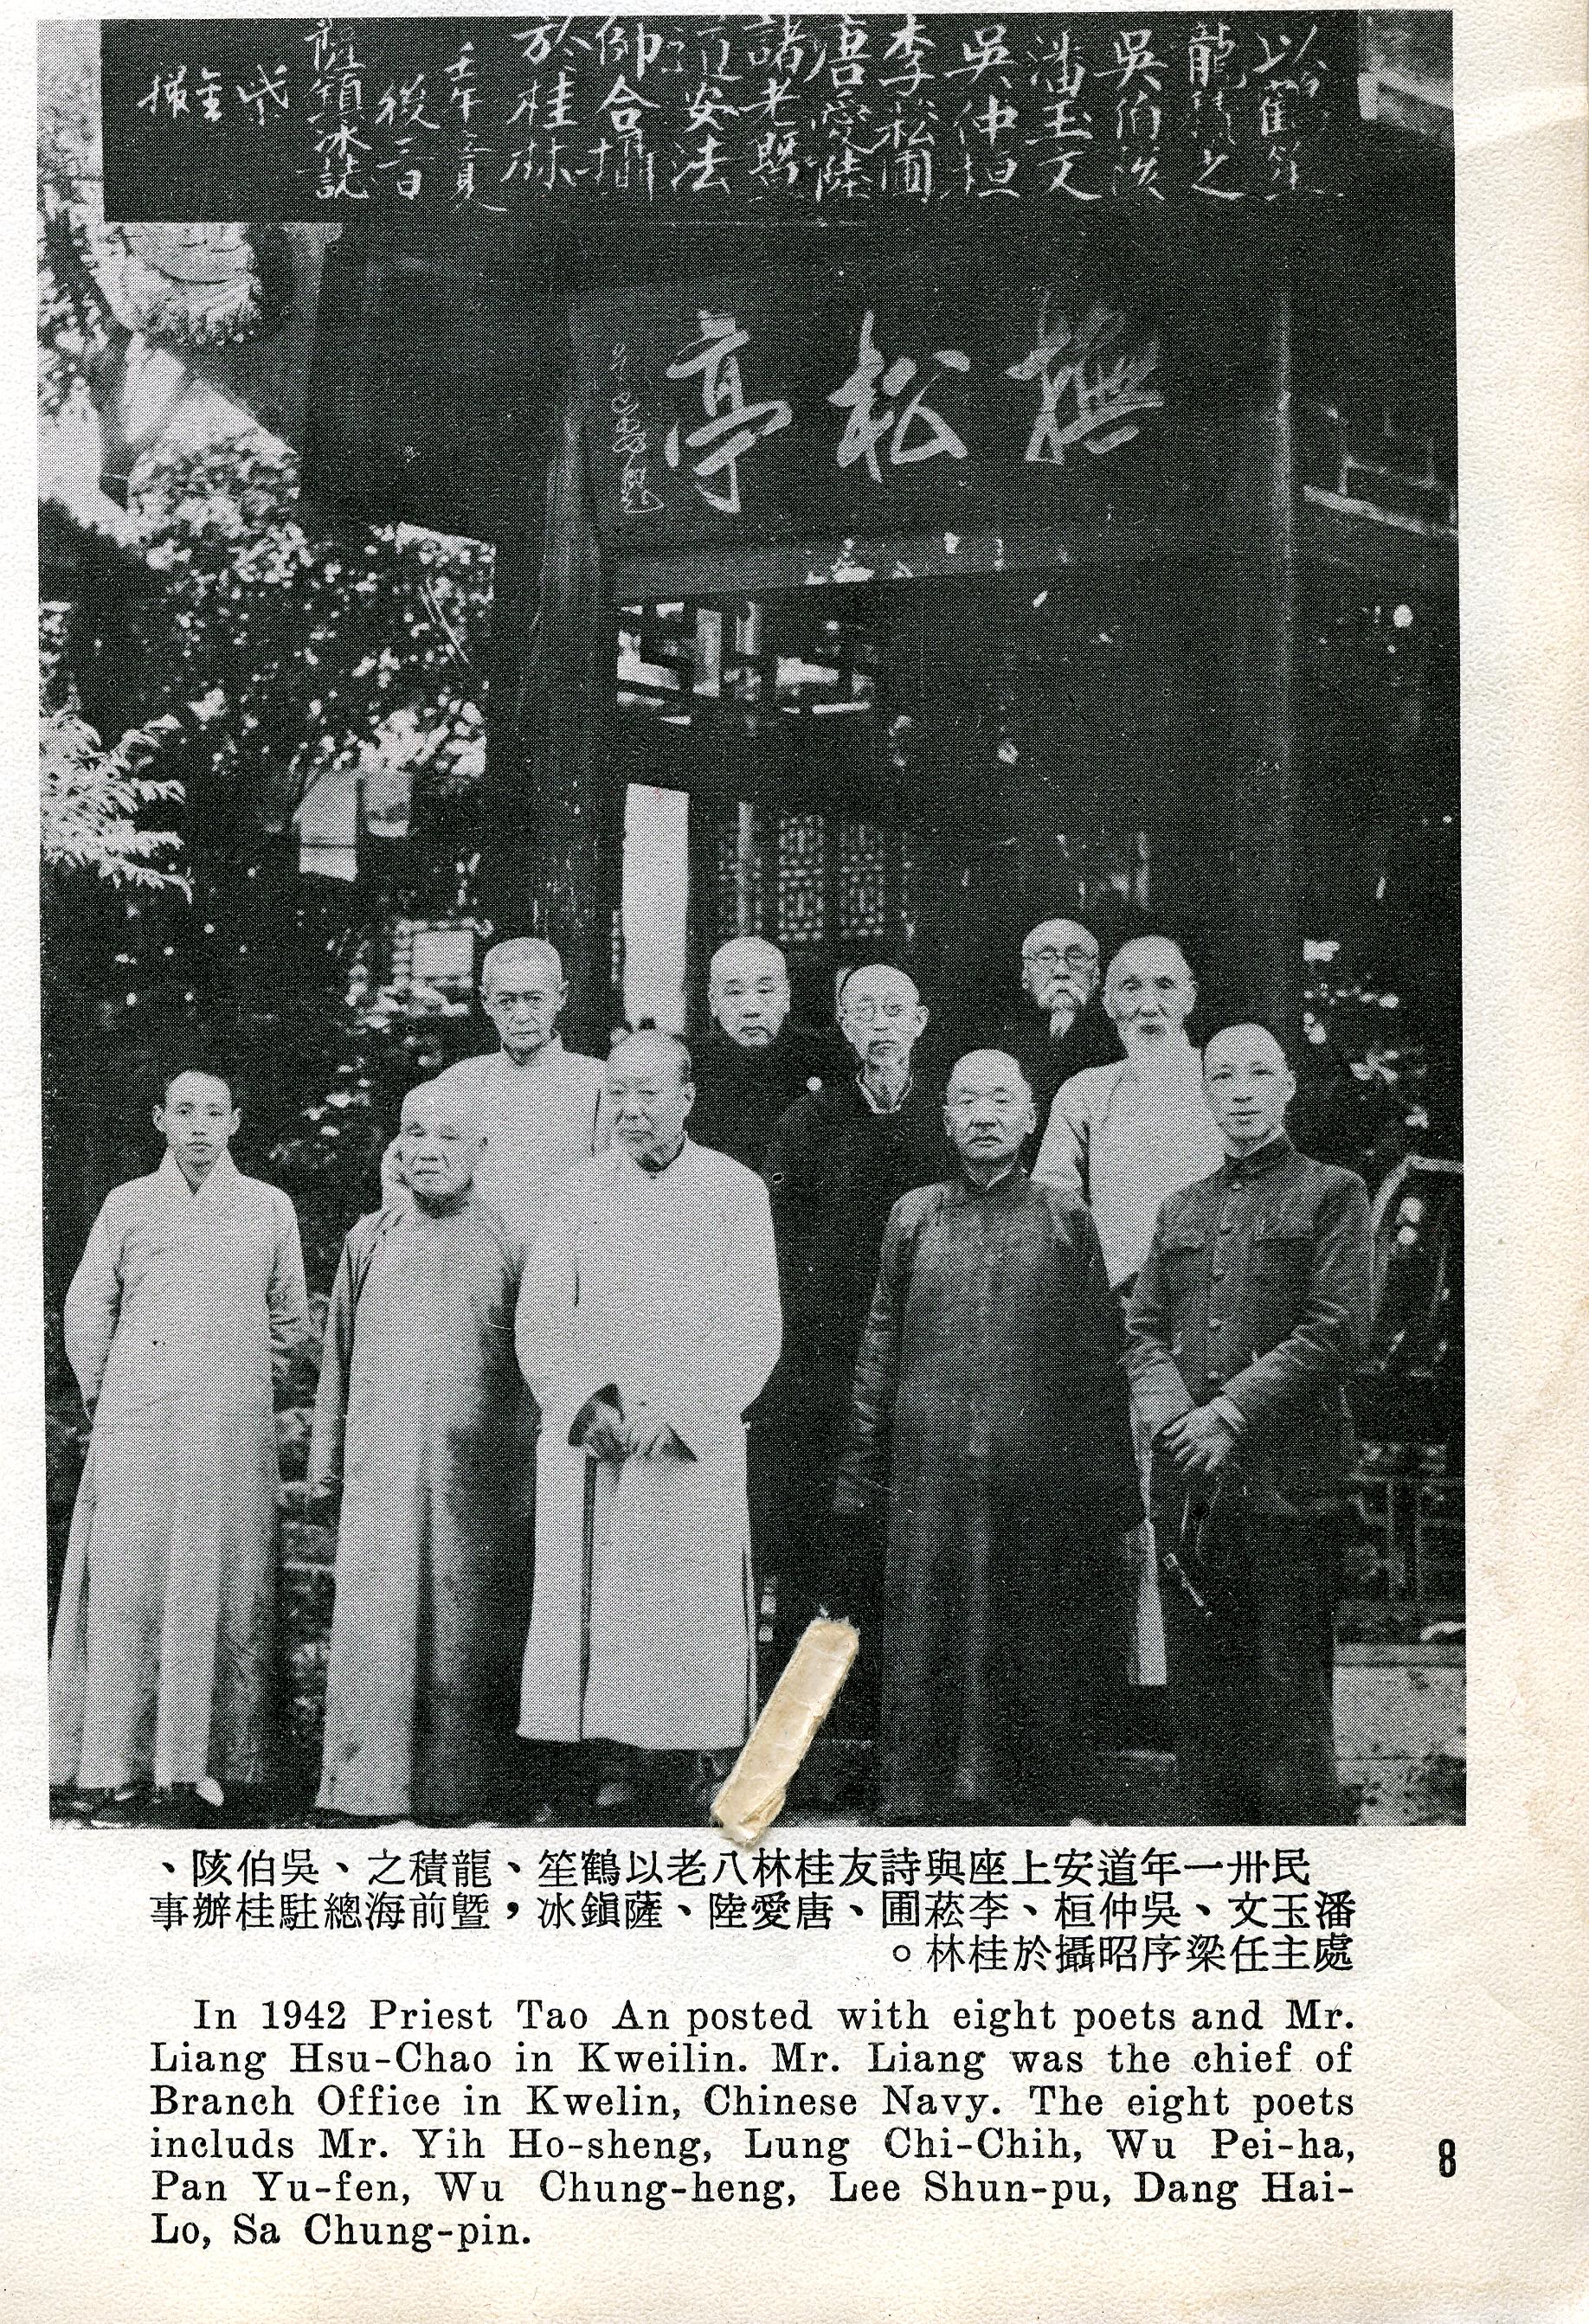 漓江雅集詩社